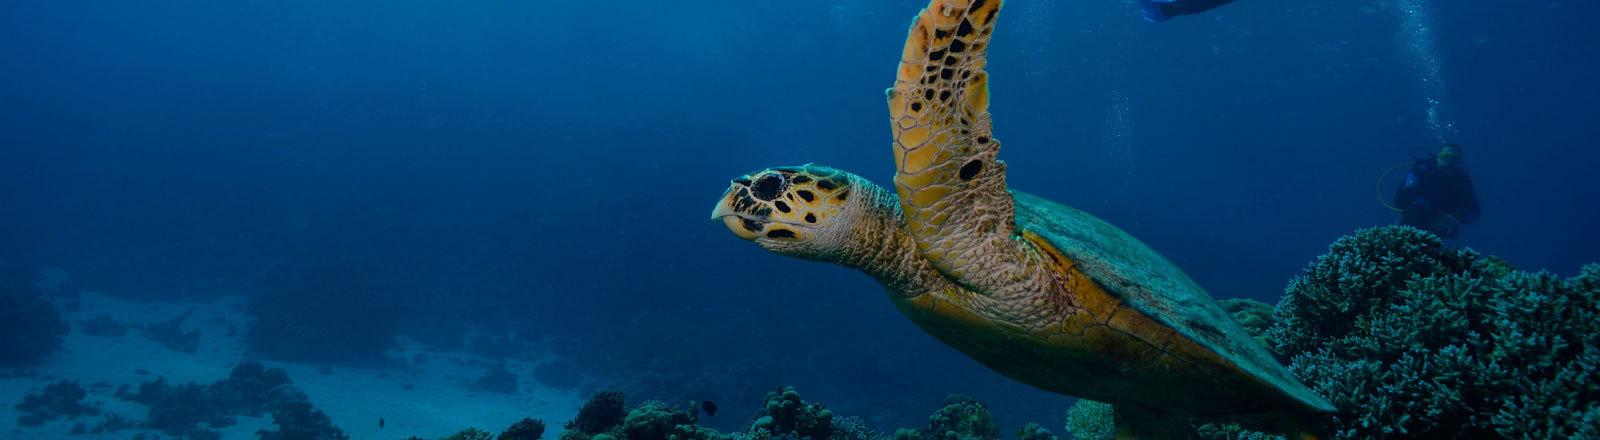 Meeresschildkröte und Taucher